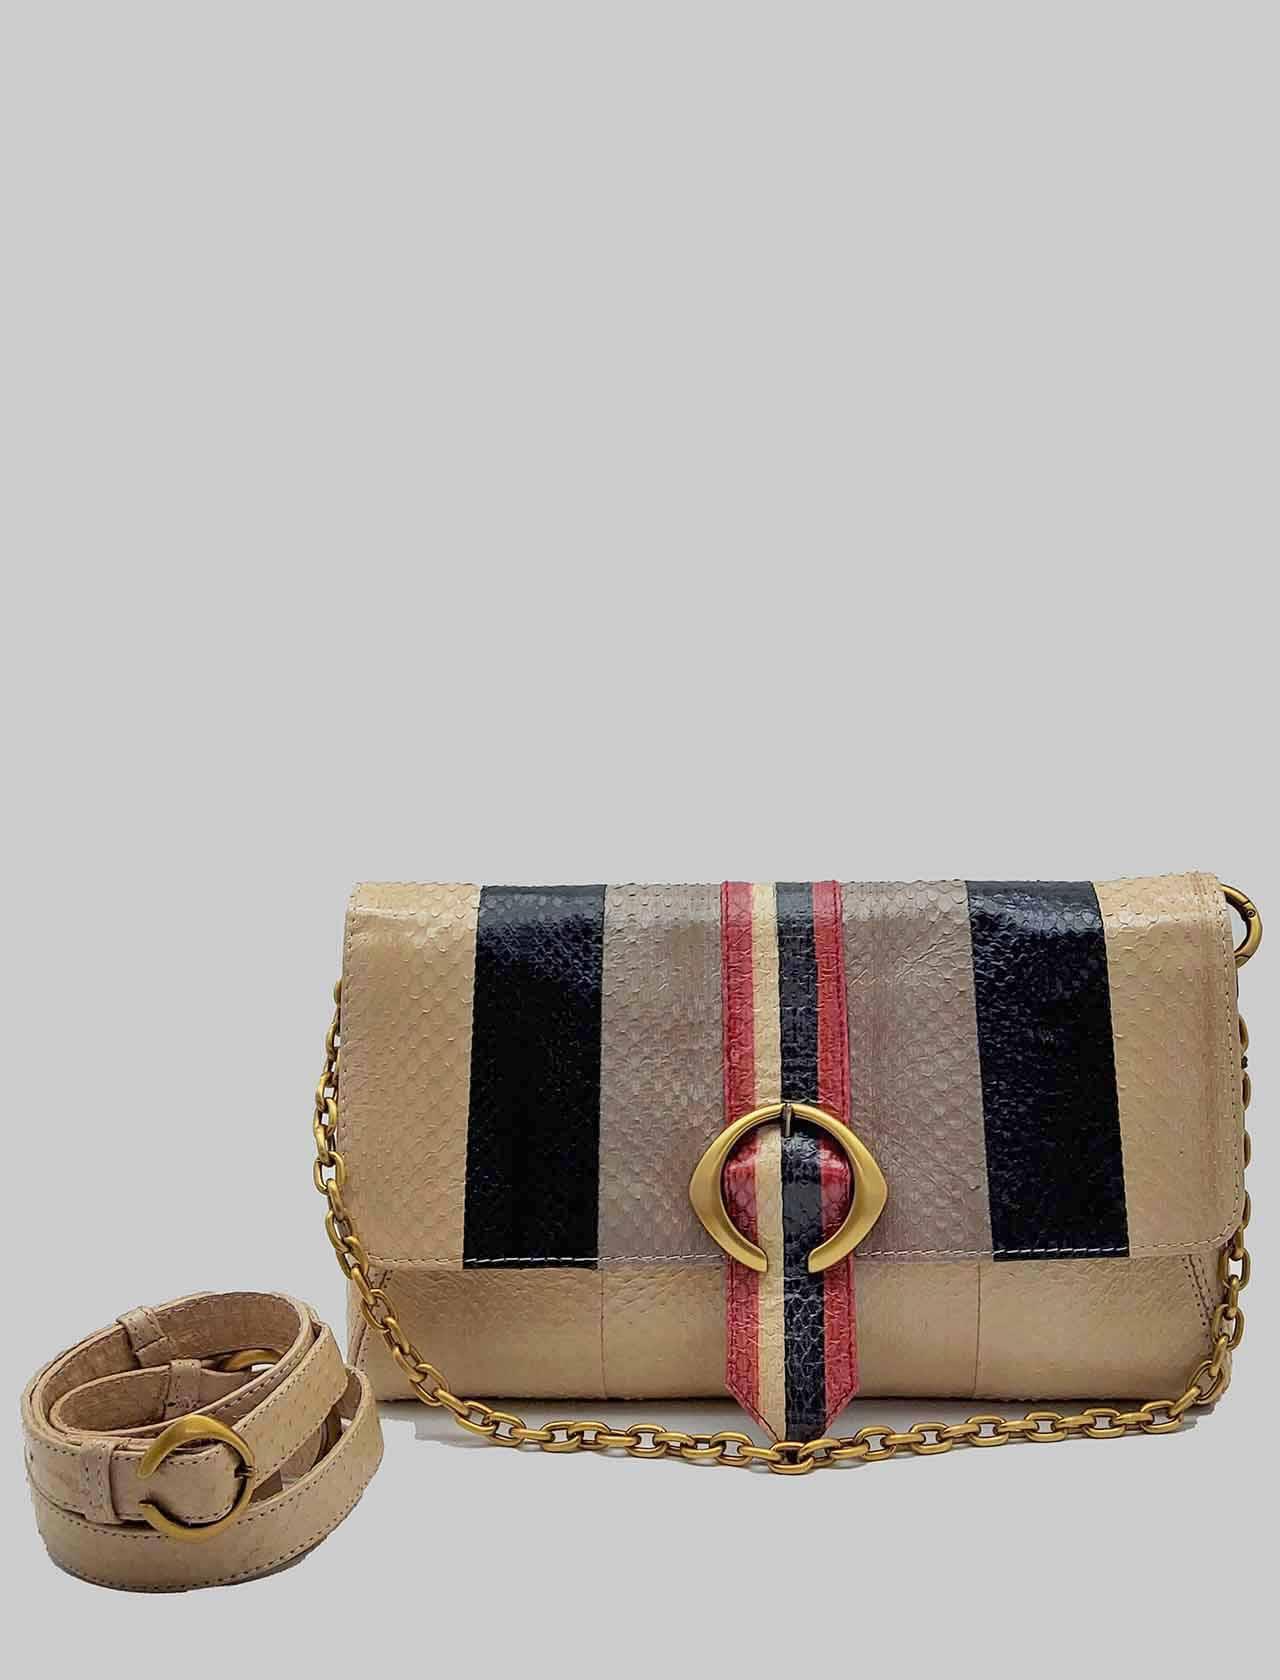 Borsa Donna Tracolla Media Exotic Stripes in Wips Naturale Multicolore con Catena in Oro e Tracolla Removibile e Regolabile in Pelle Maliparmi   Borse e zaini   BE00120142411B99